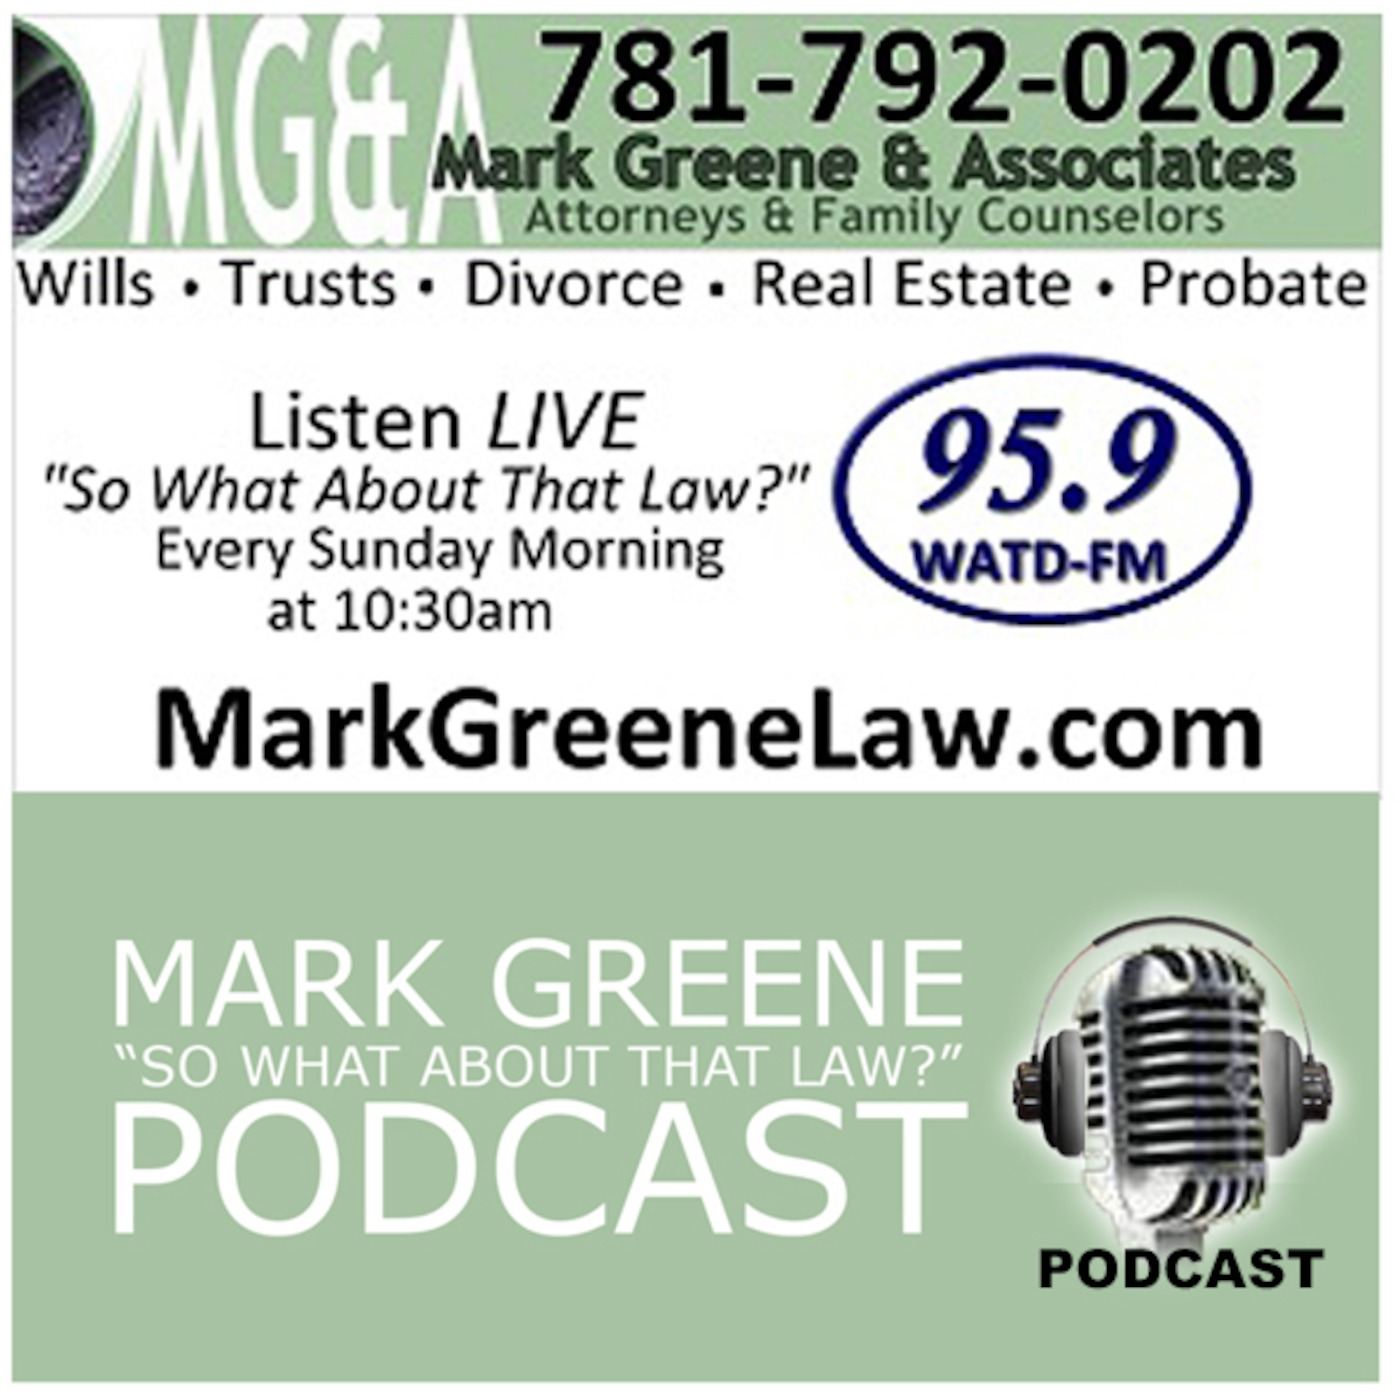 Mark Greene's